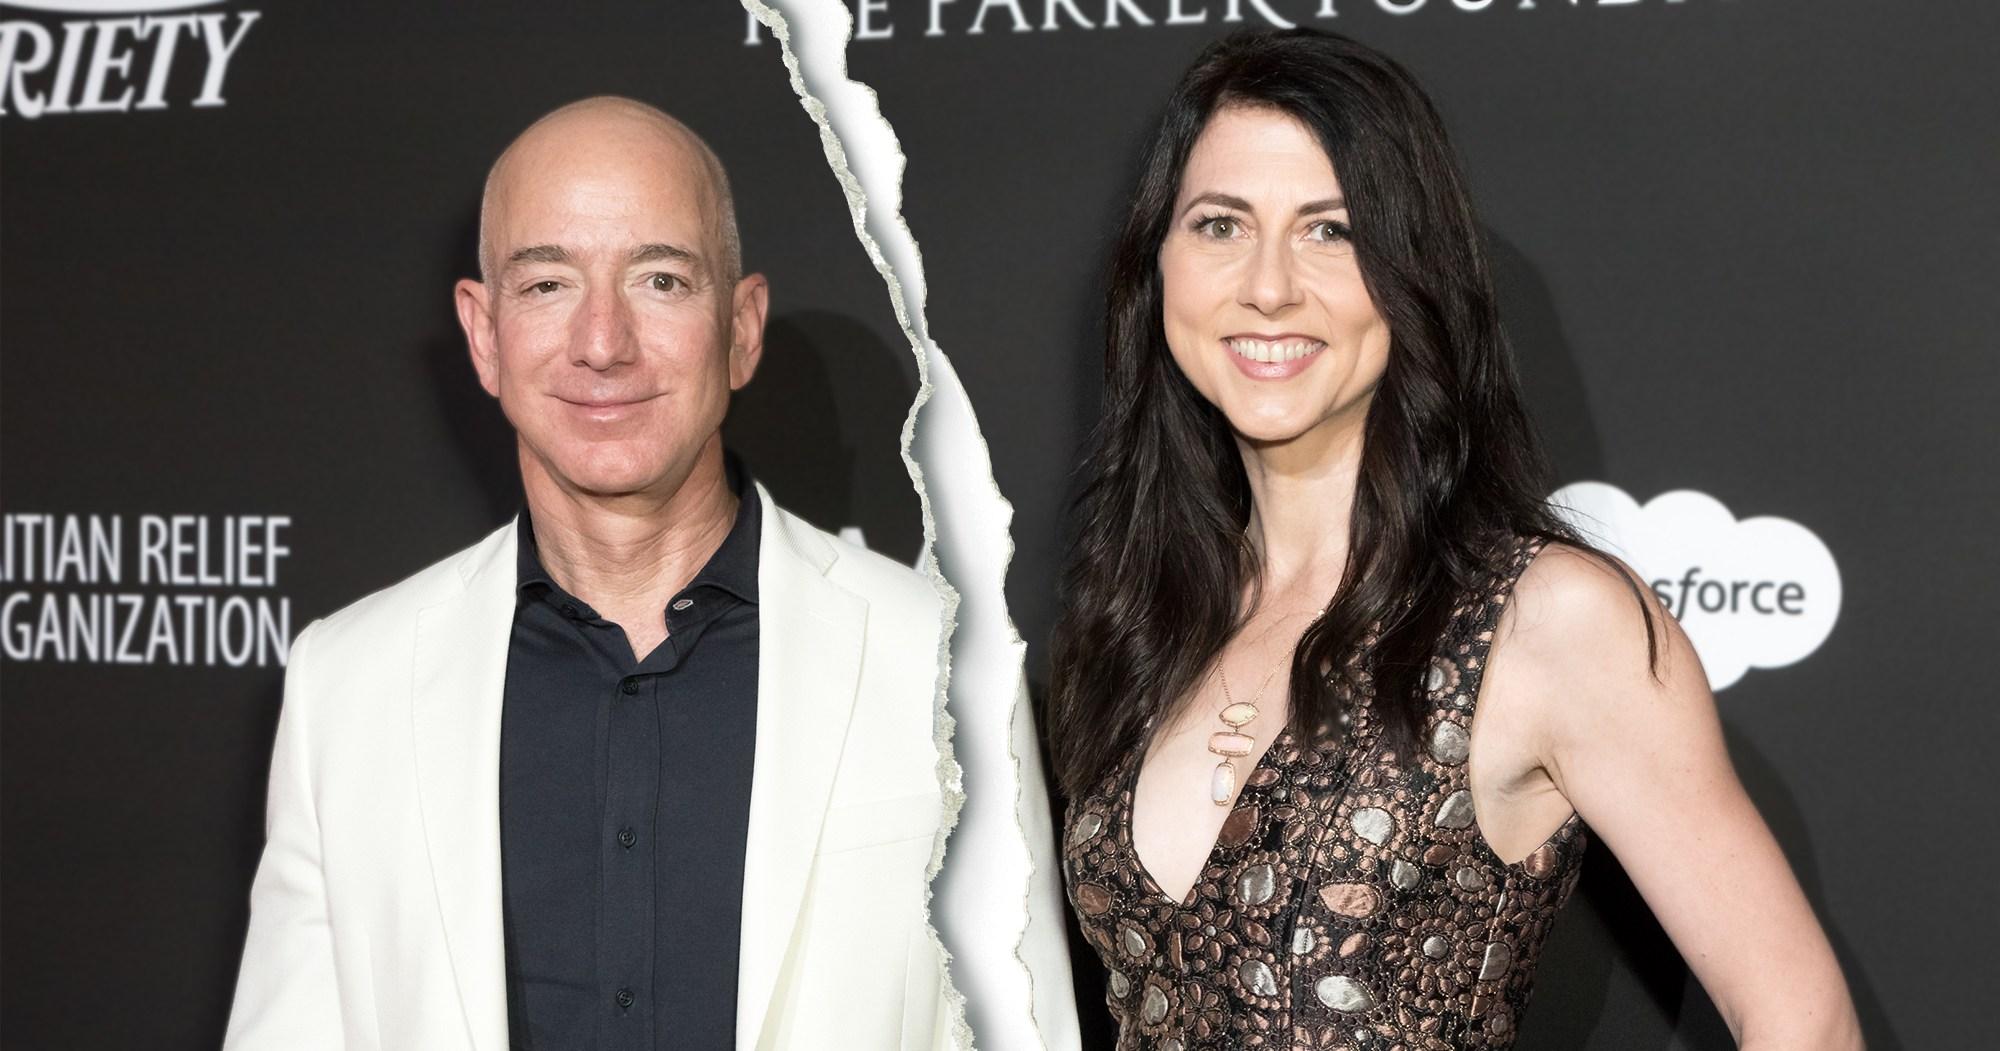 Amazon Ceo Jeff Bezos Announces 160 Billion Divorce